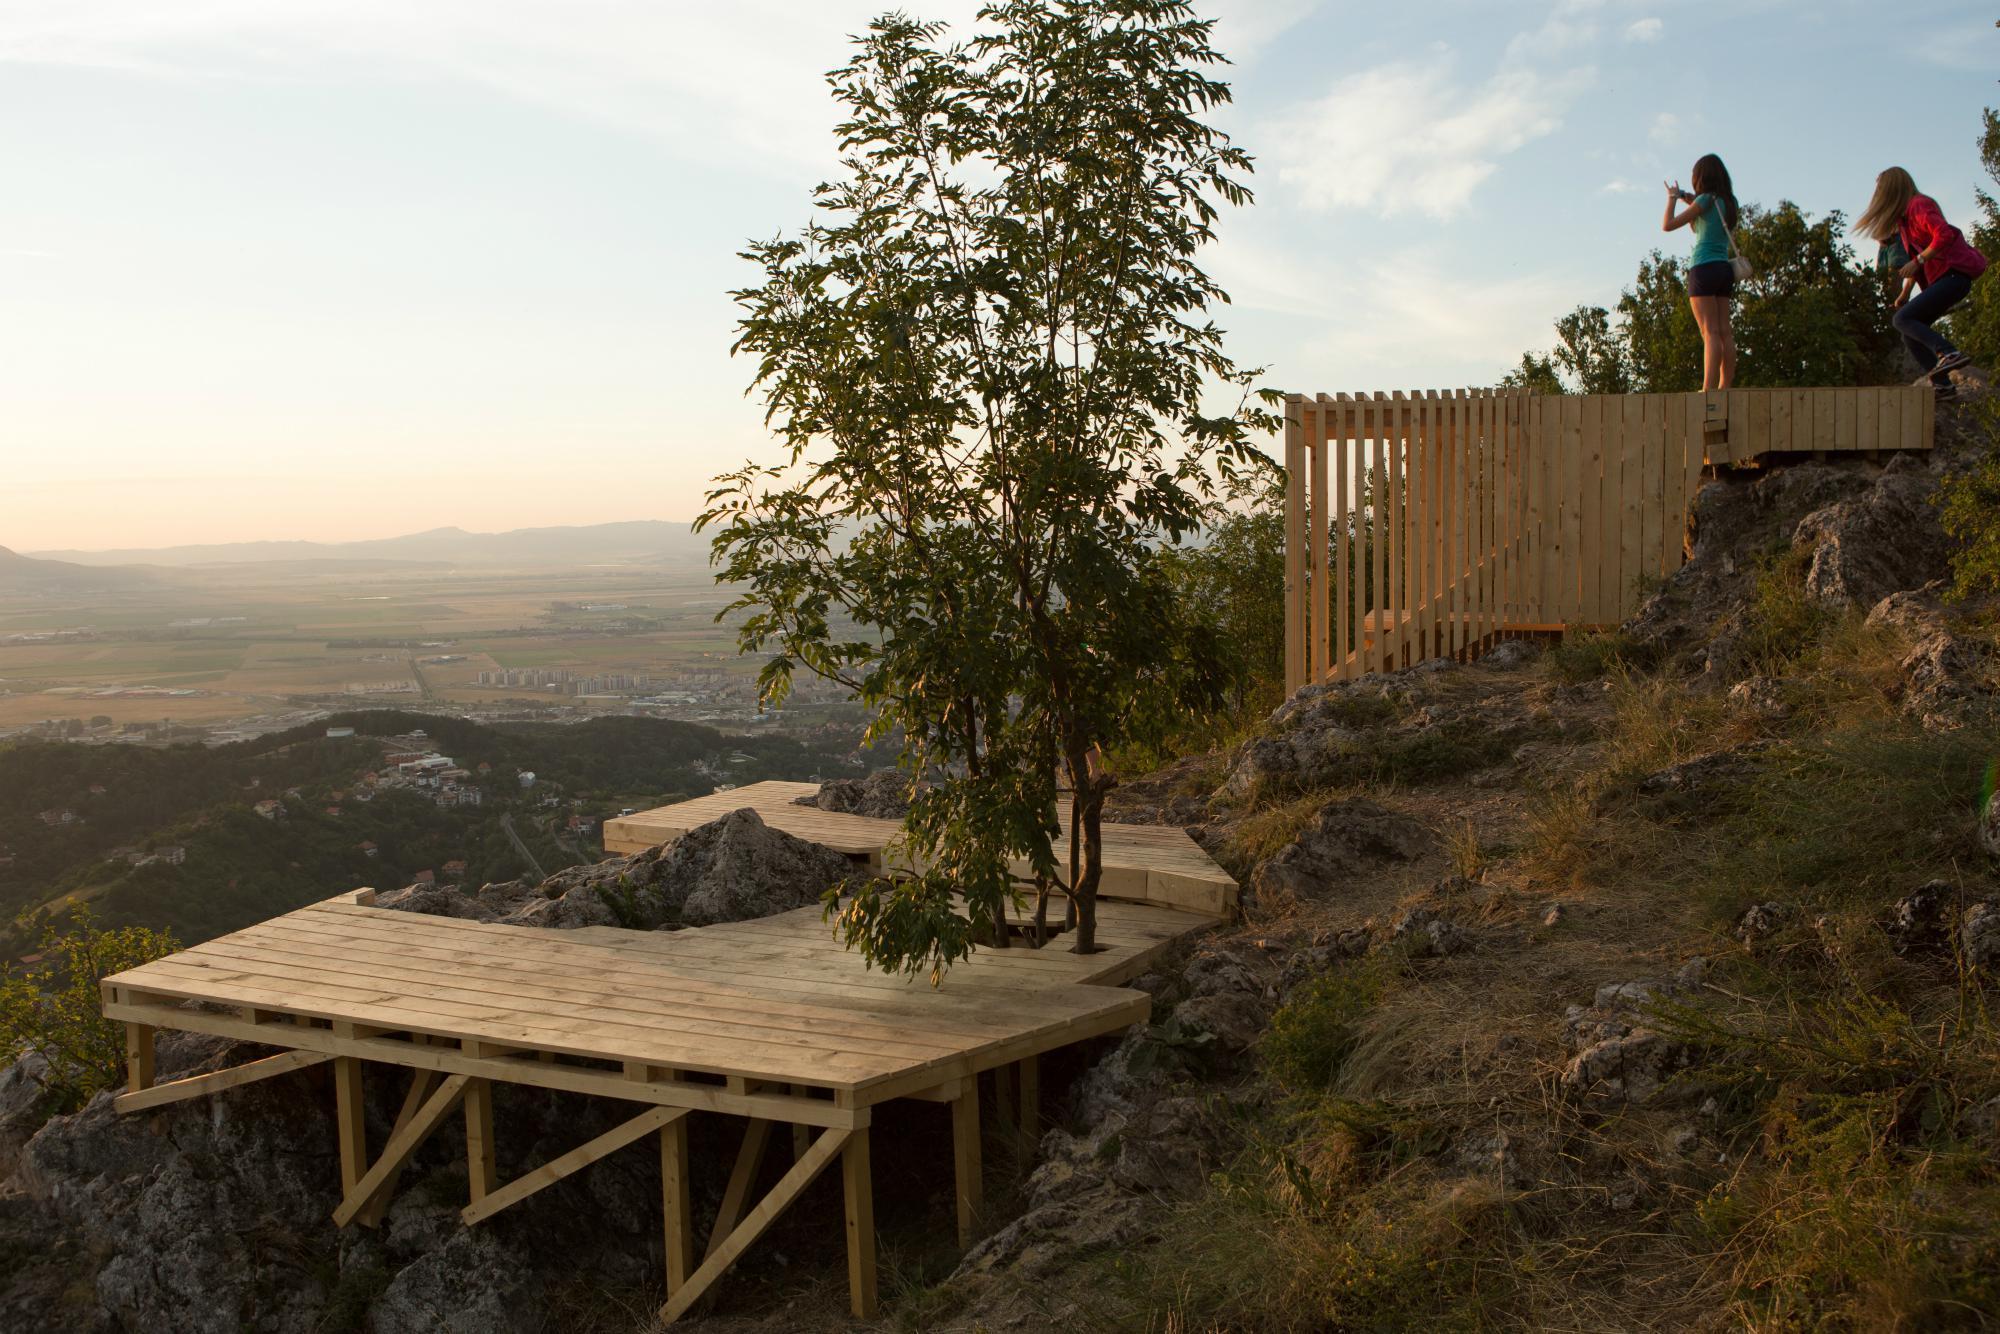 Arquitectura joven y sostenible para la Sierra